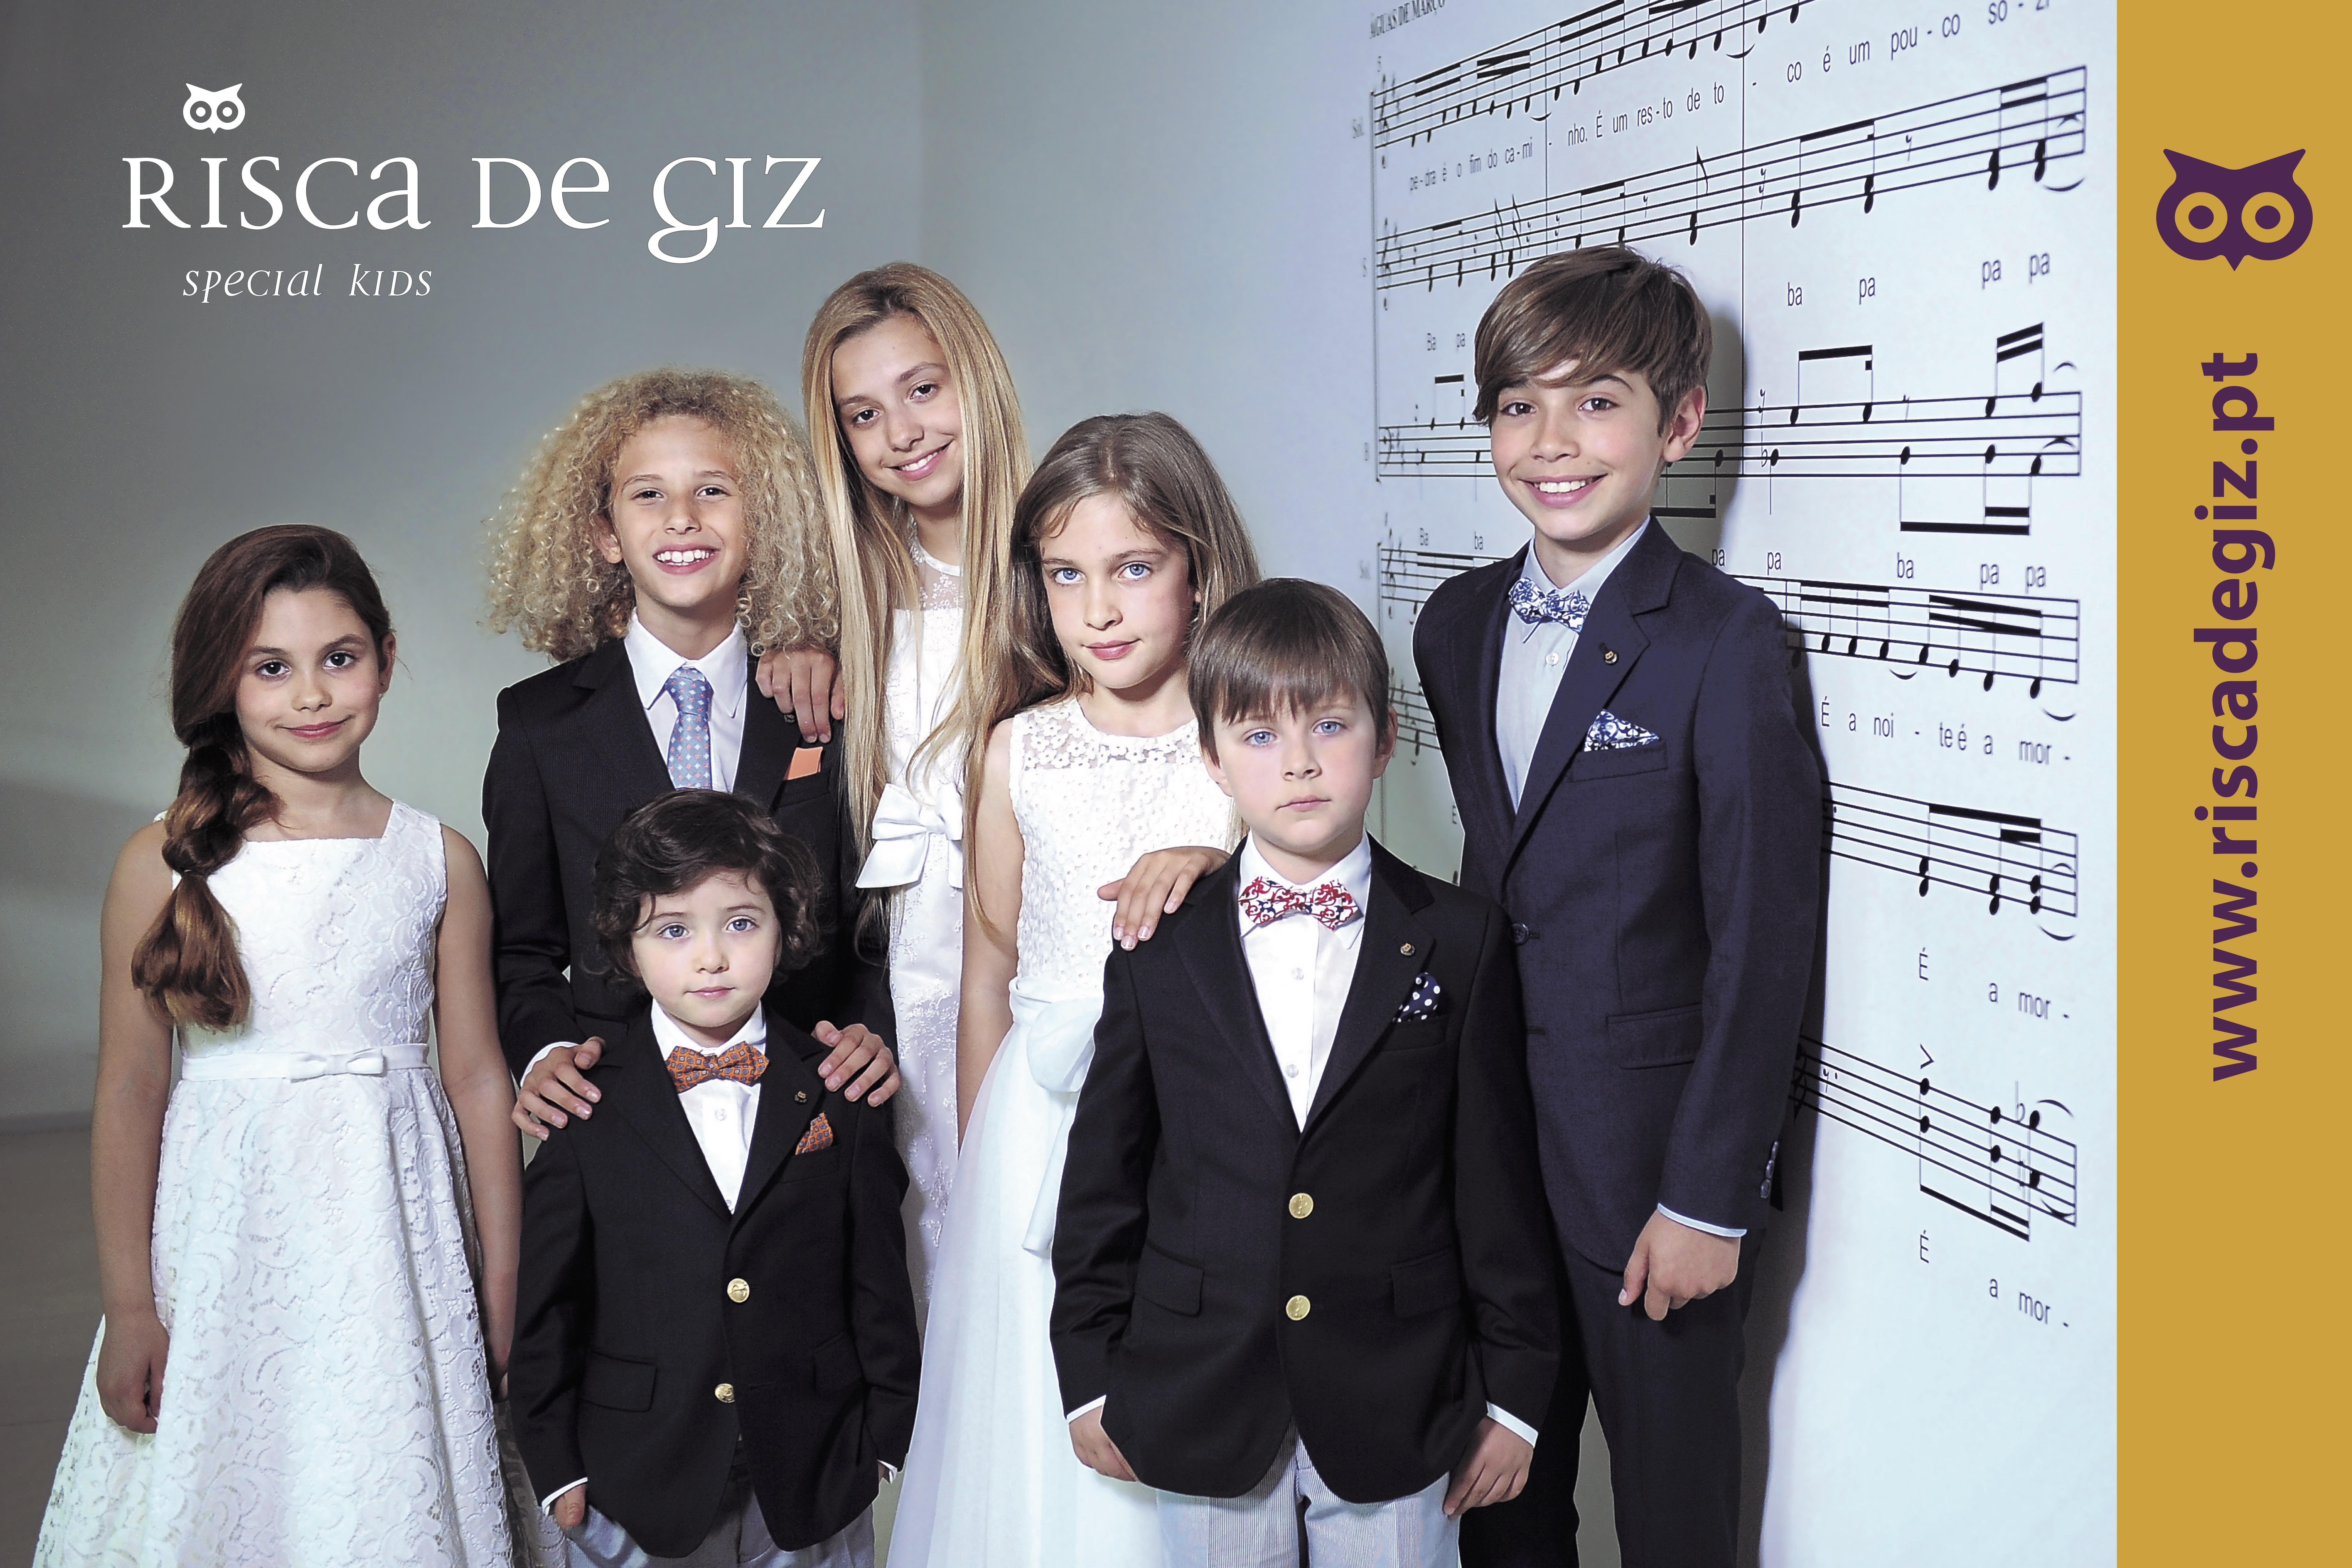 Risca de Giz - Kindermode aus Portugal für besondere Anlässe fb42ed796b1